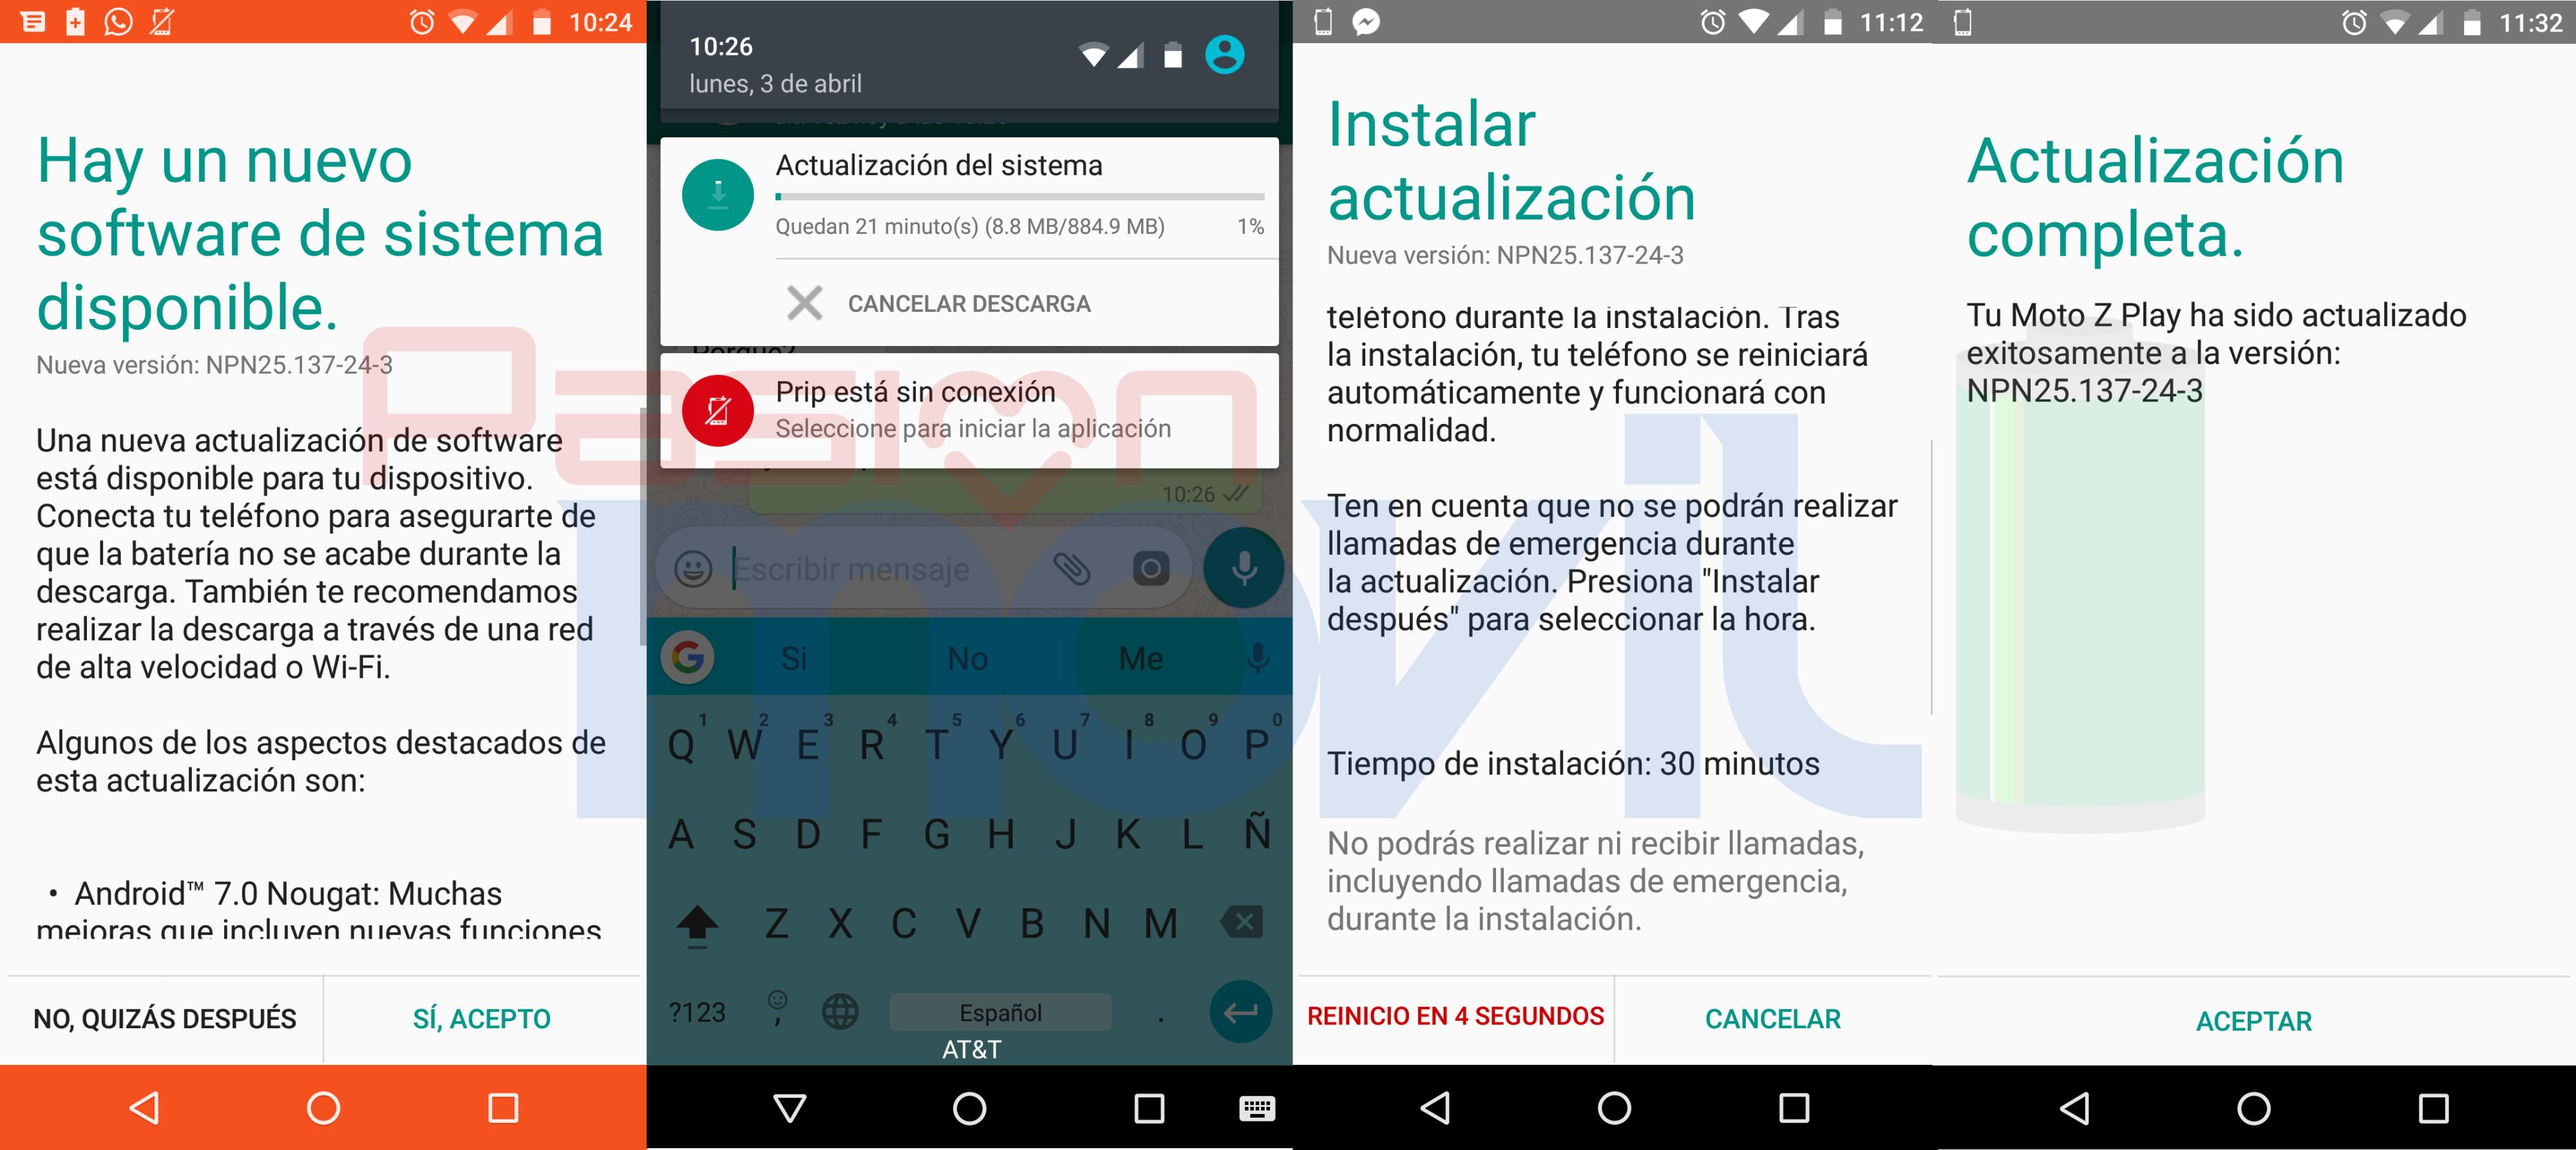 moto-z-play actualizacion android 7.0 nougat mexico att